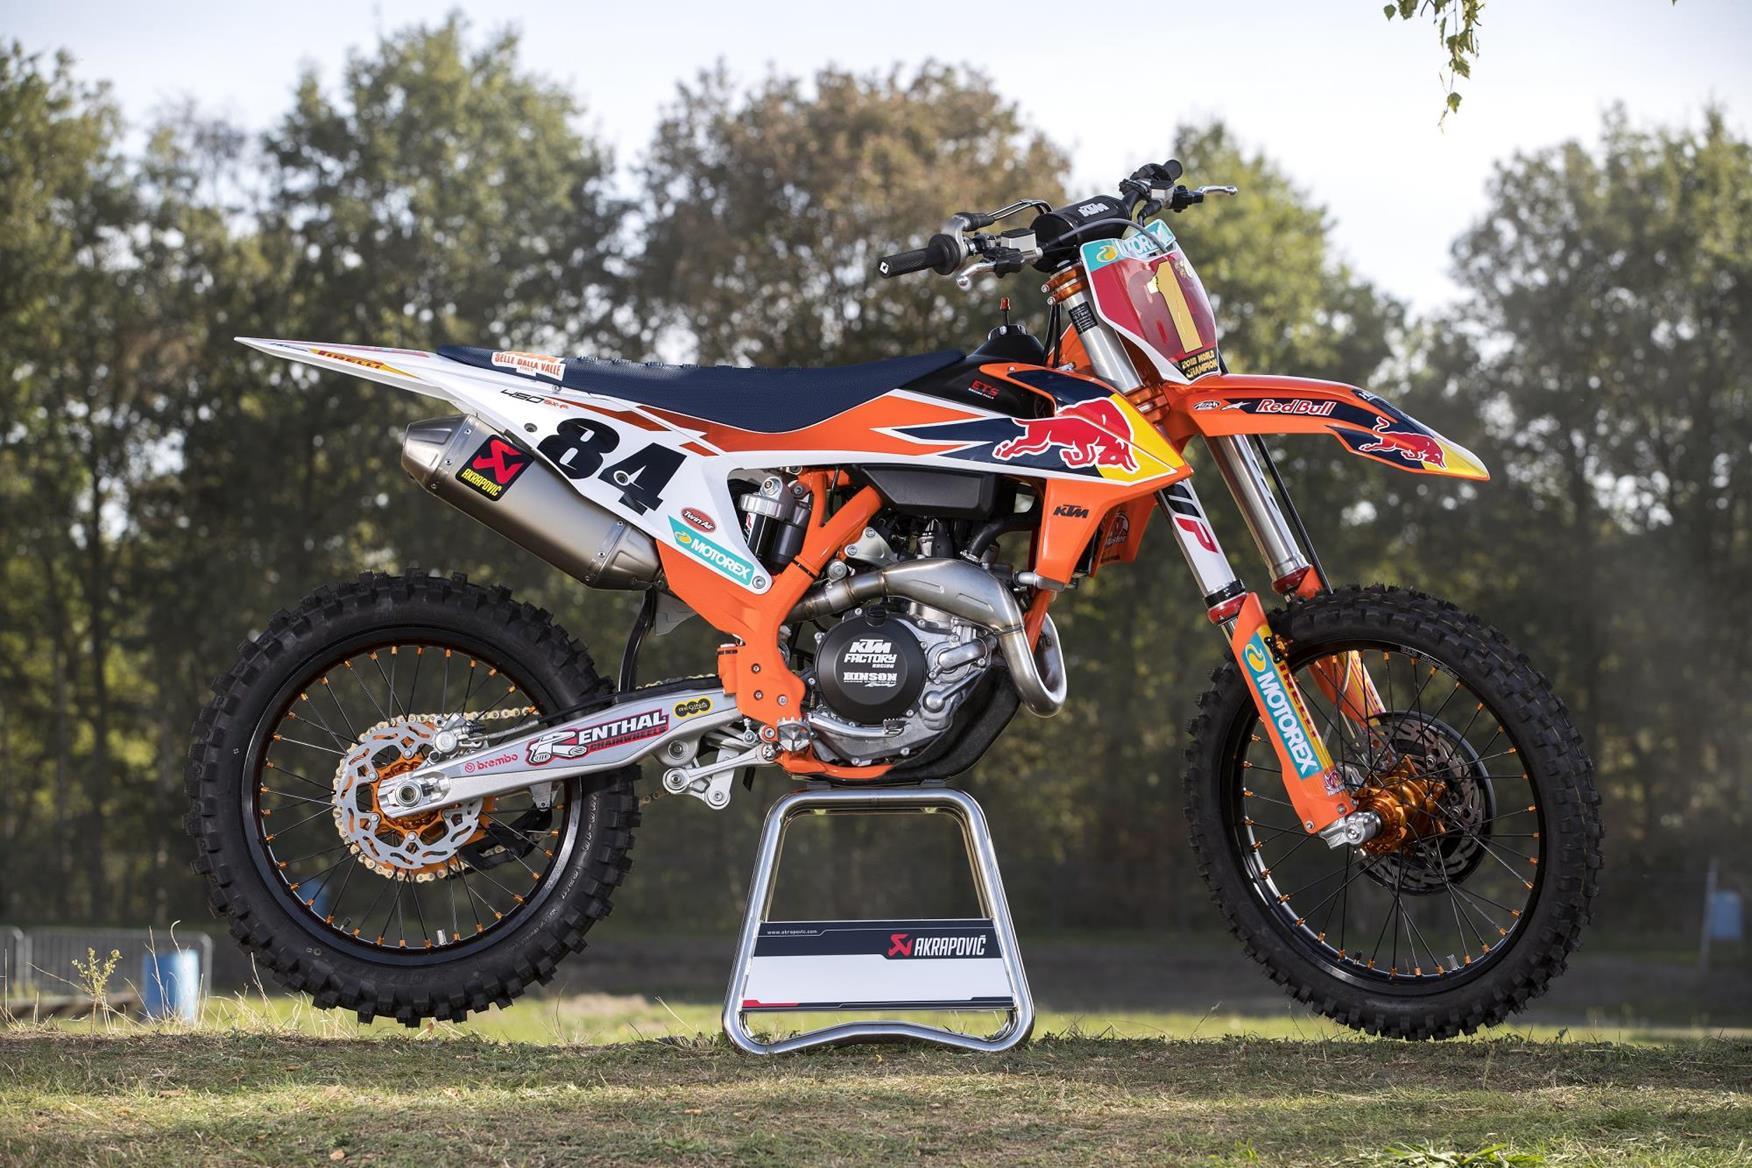 Limited edition jeffrey herlings ktm 450 sx f released - Image de moto cross 125 ...